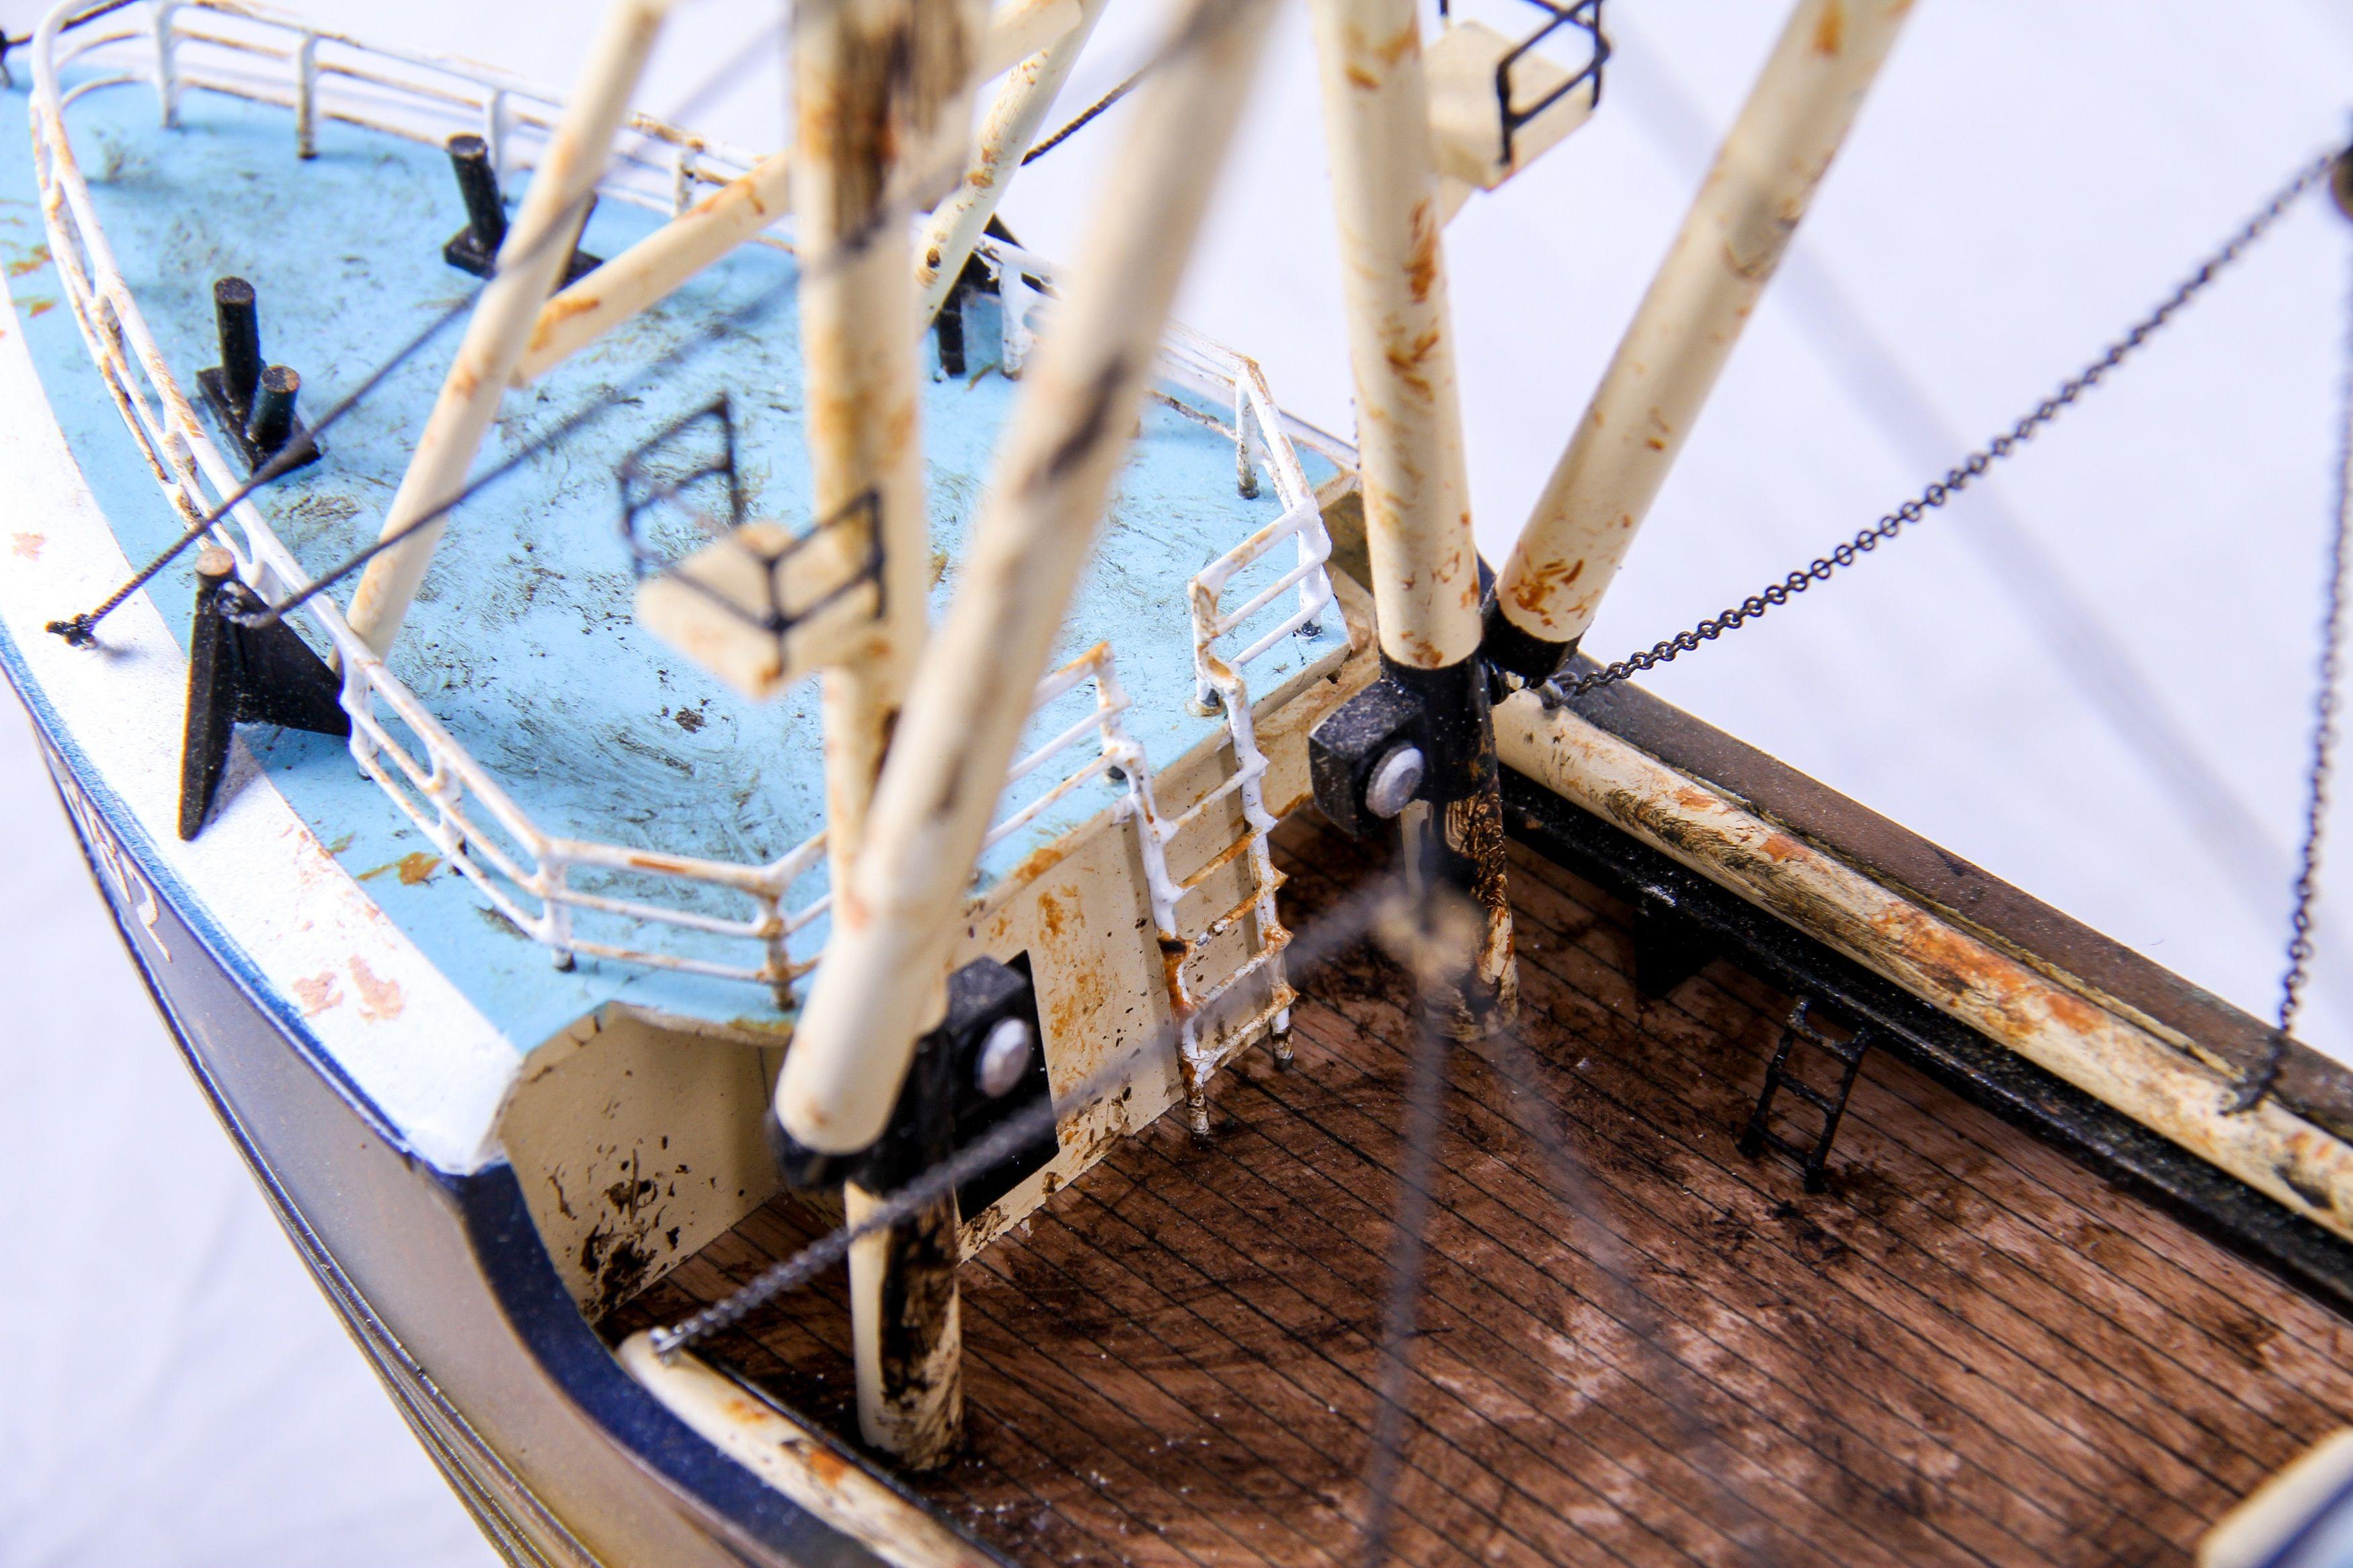 1690-9561-Van-Dijck-Fishing-trawler